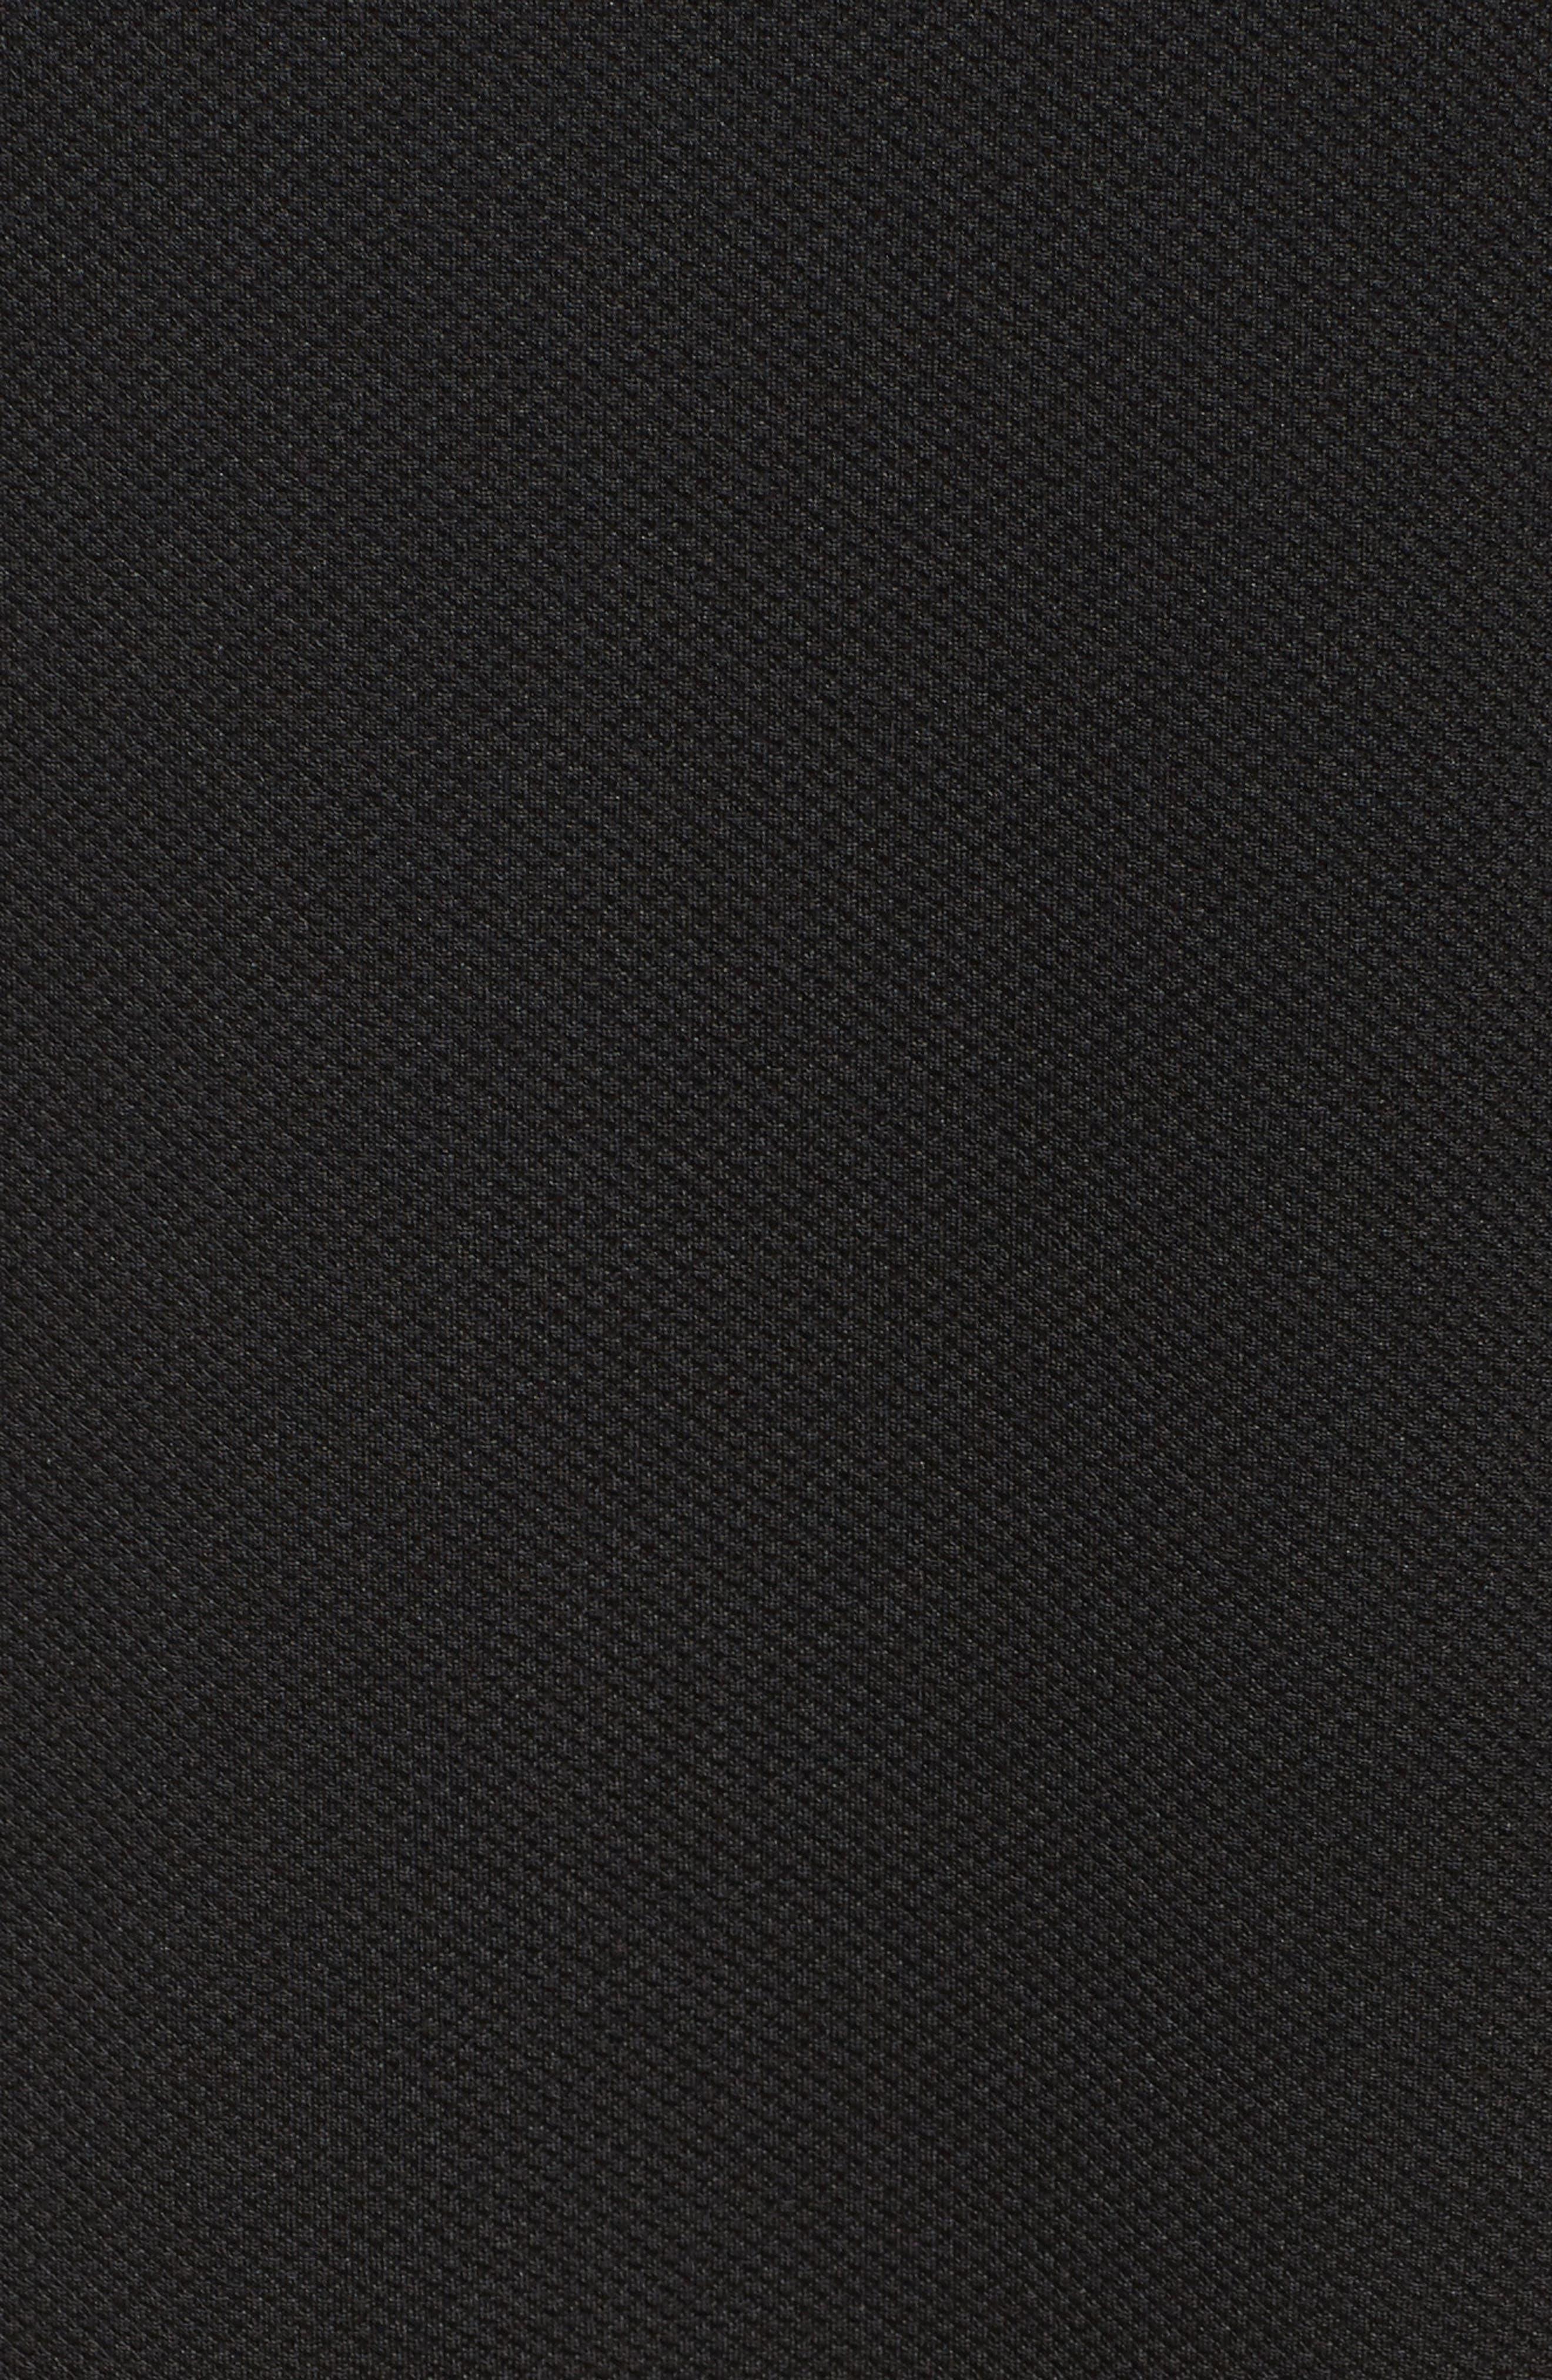 Bell Sleeve Dress,                             Alternate thumbnail 5, color,                             001